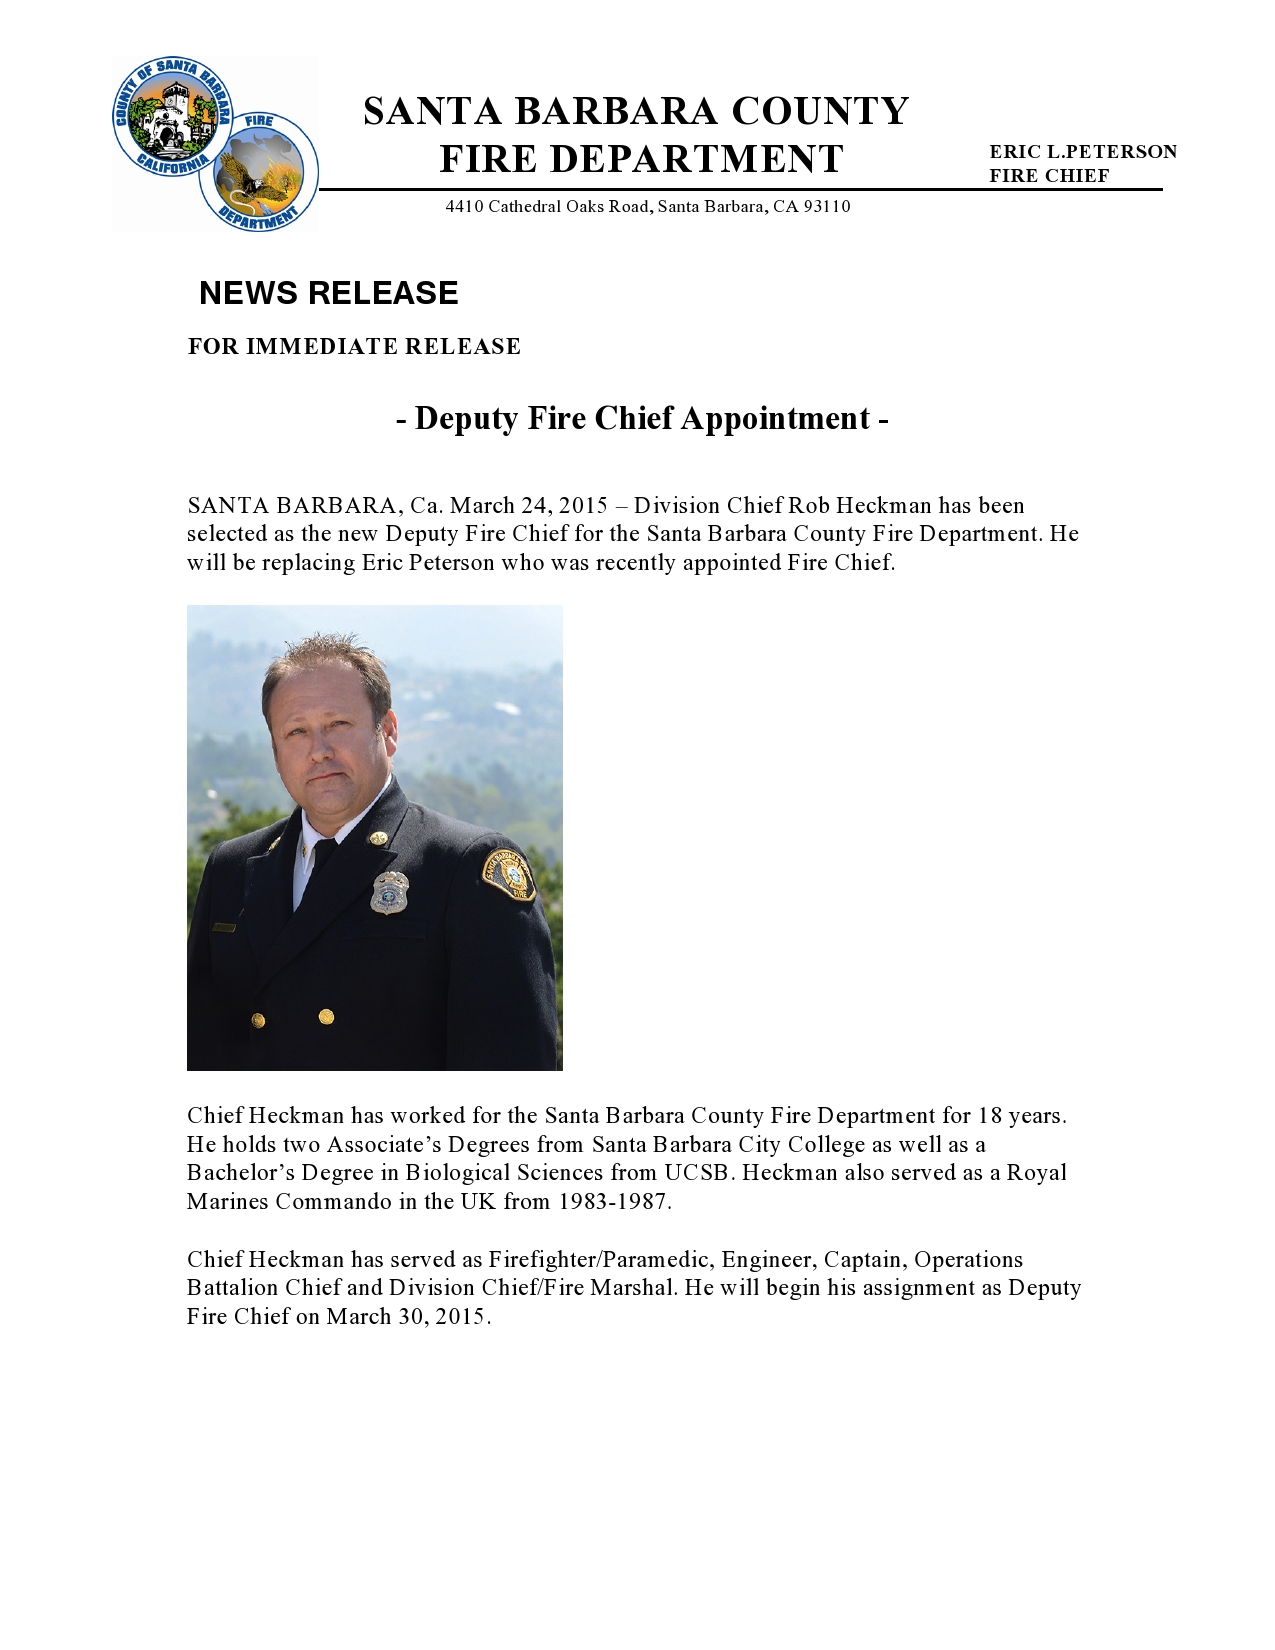 Deputy Chief-pg1